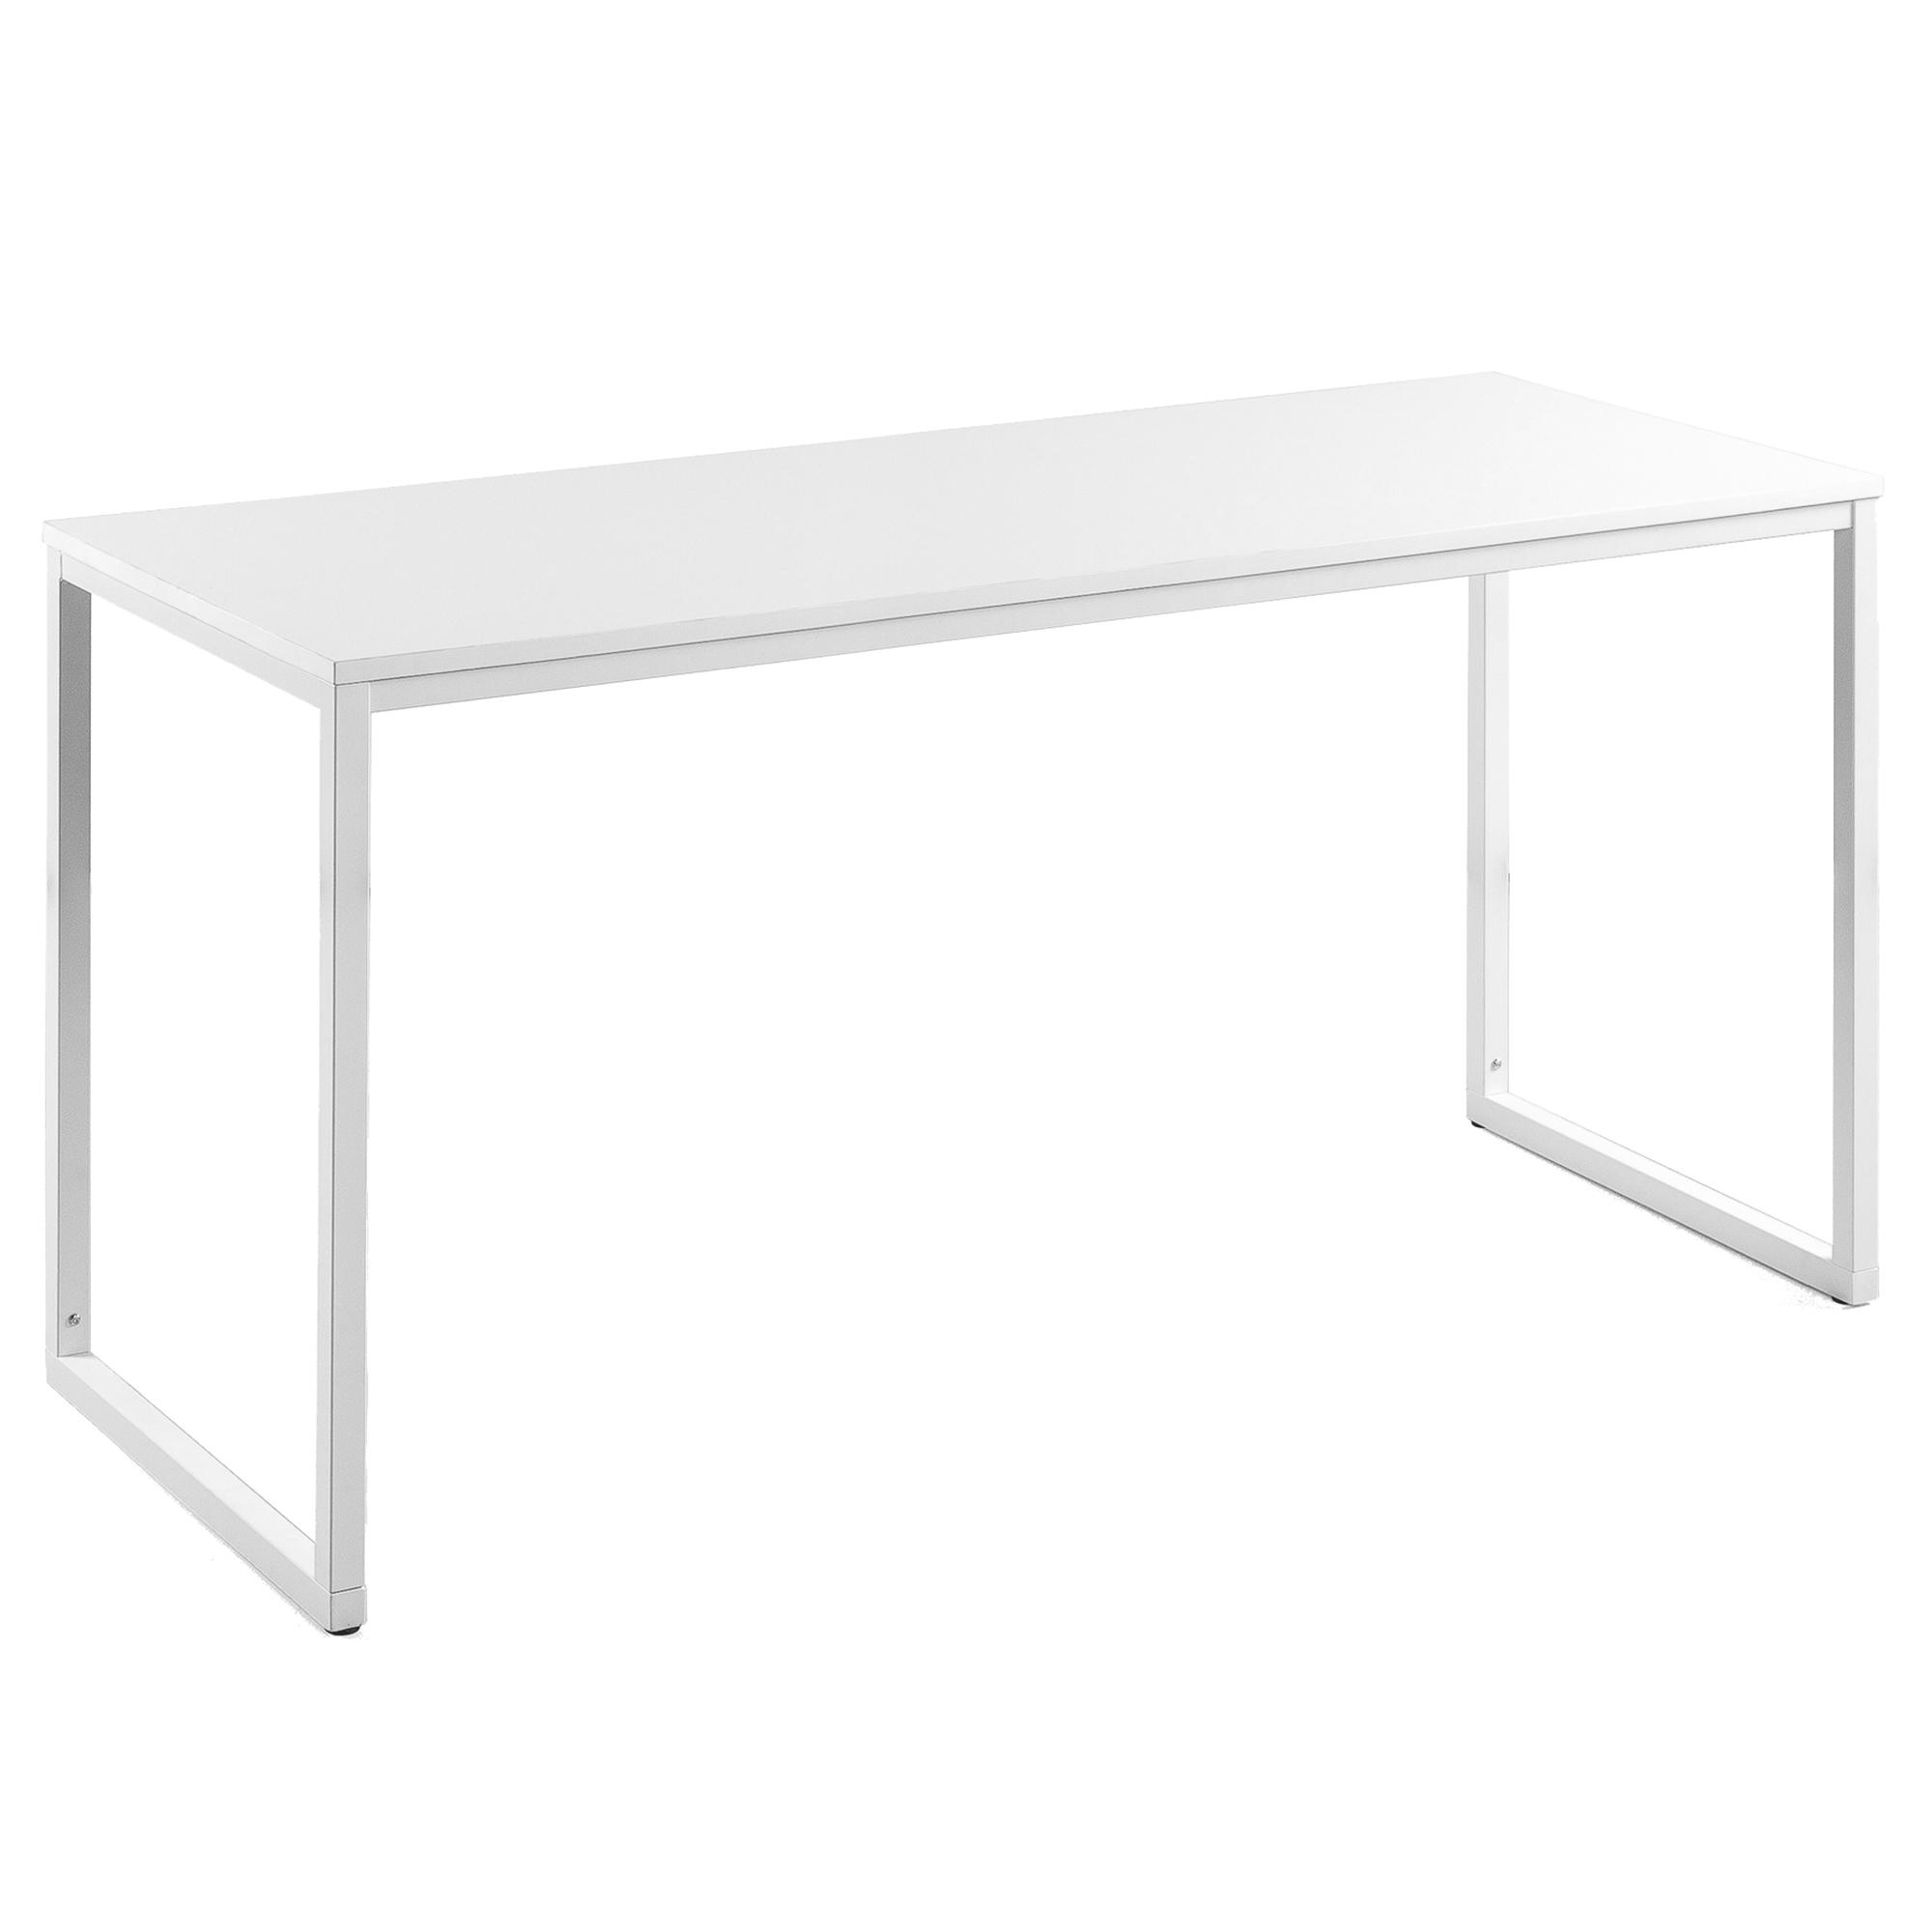 NEW-Harper-Wood-amp-Steel-Desk-Studio-Home-Desks thumbnail 12